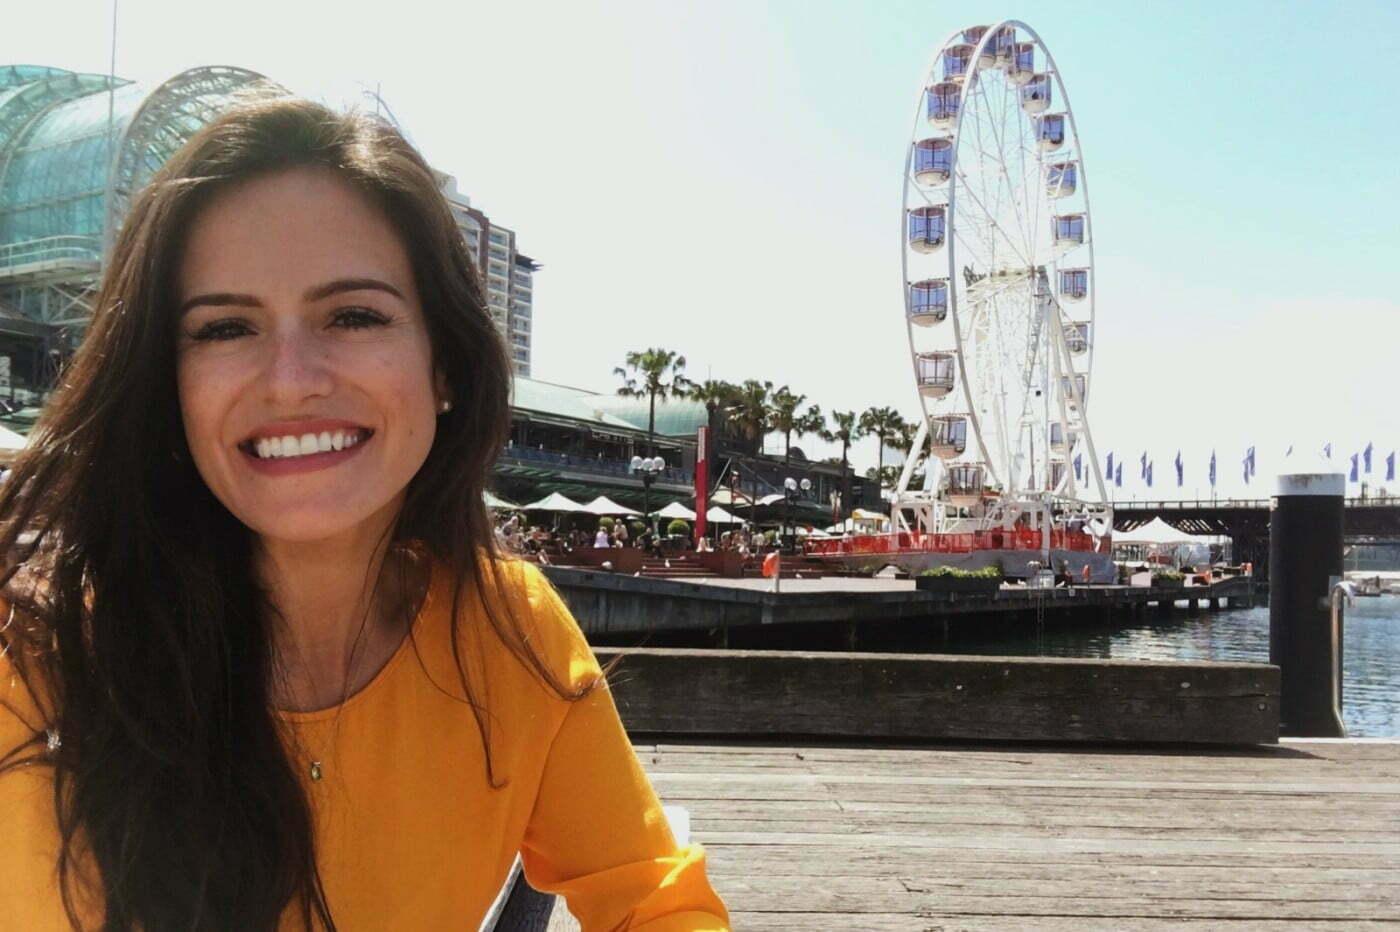 Manuela em Darling Harbour, um dos ícones icônico da Australia.